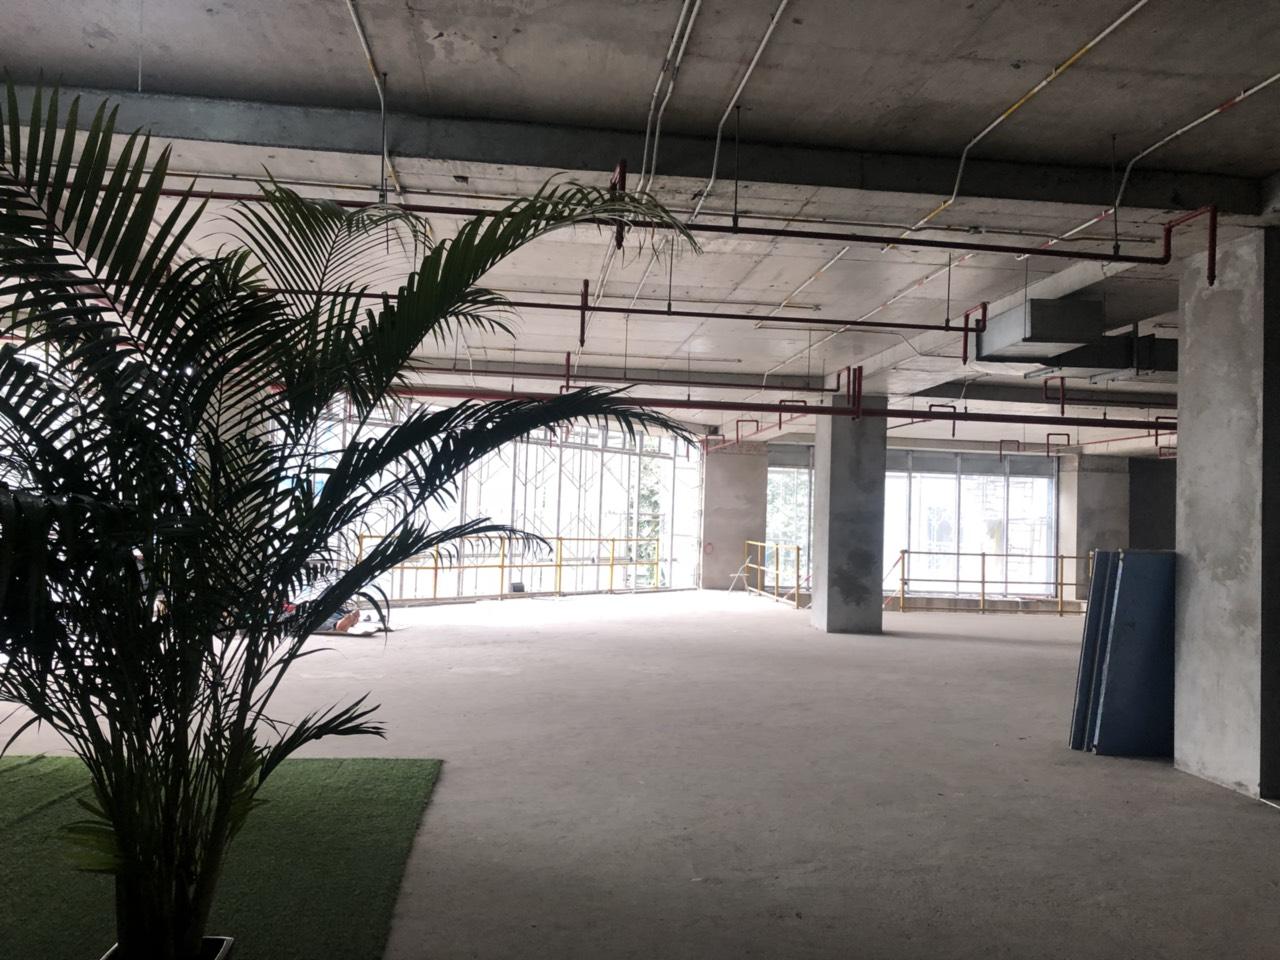 Cho thuê mặt bằng thương mại Stellar Garden, 35 Lê Văn Thiêm, 2600m2 giá 270 nghìn/m2/th